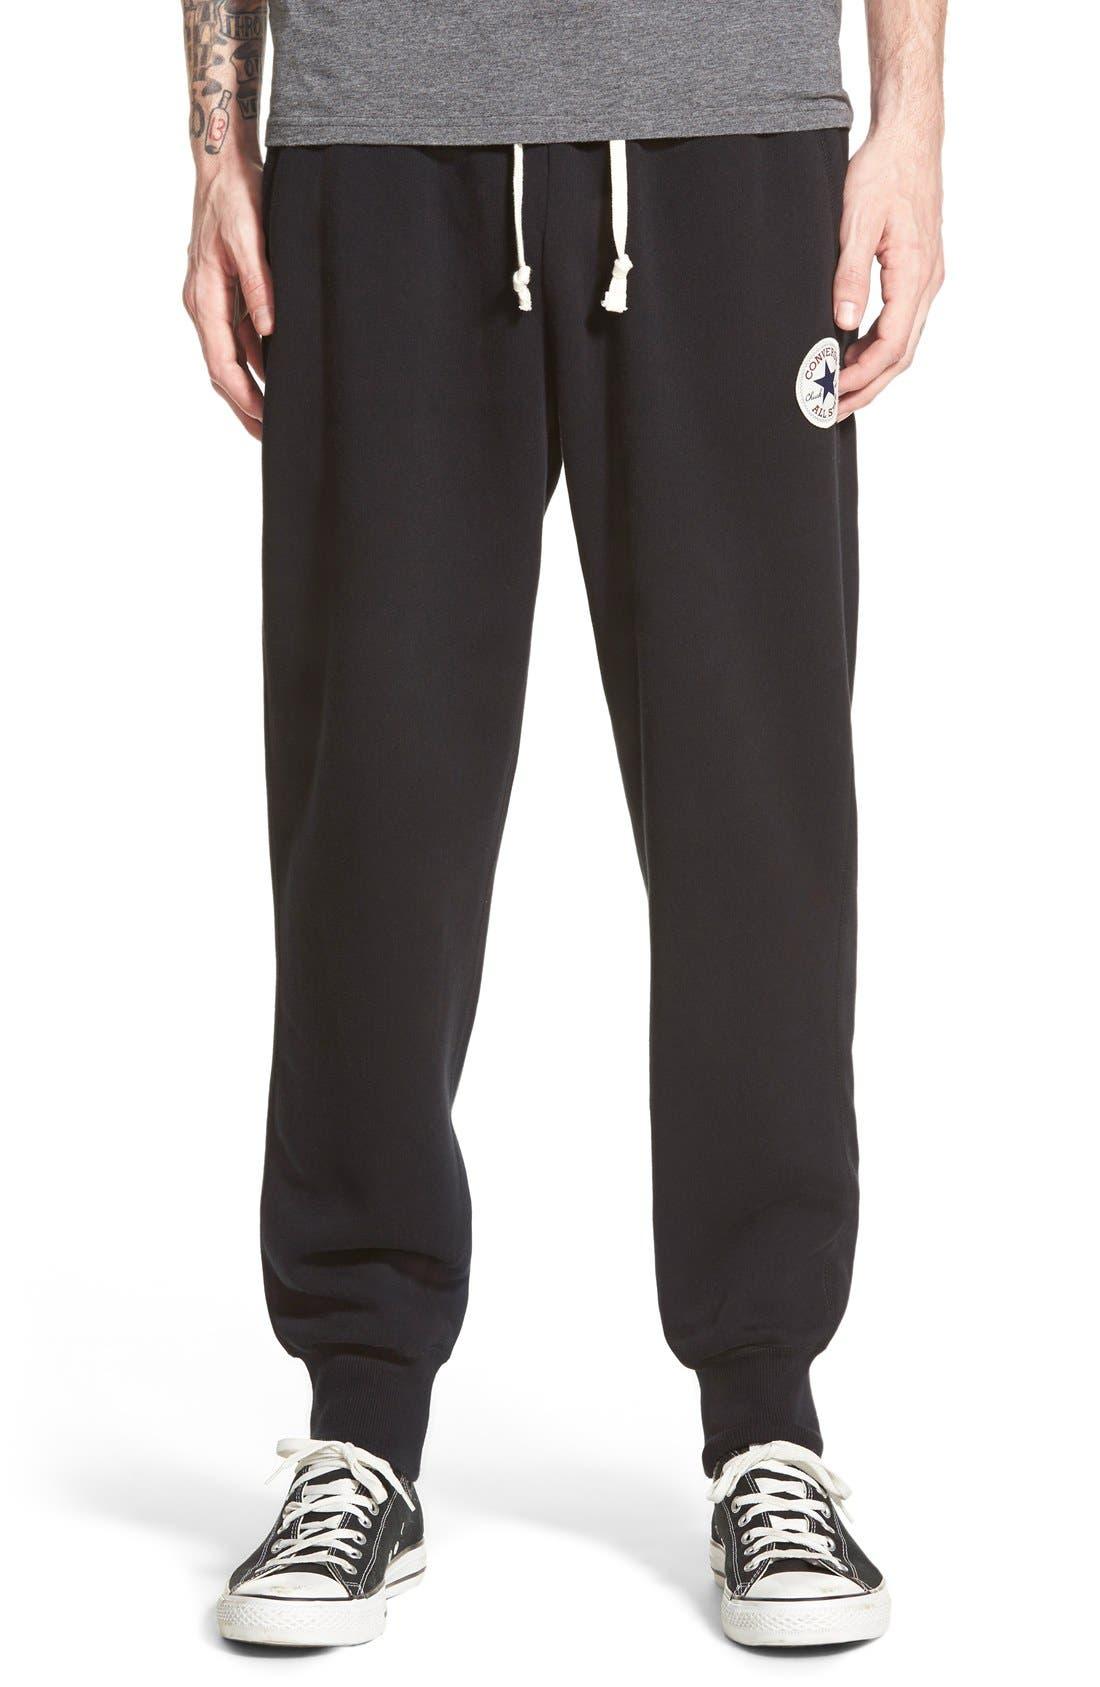 CONVERSE 'Core' Sweatpants, Main, color, 003